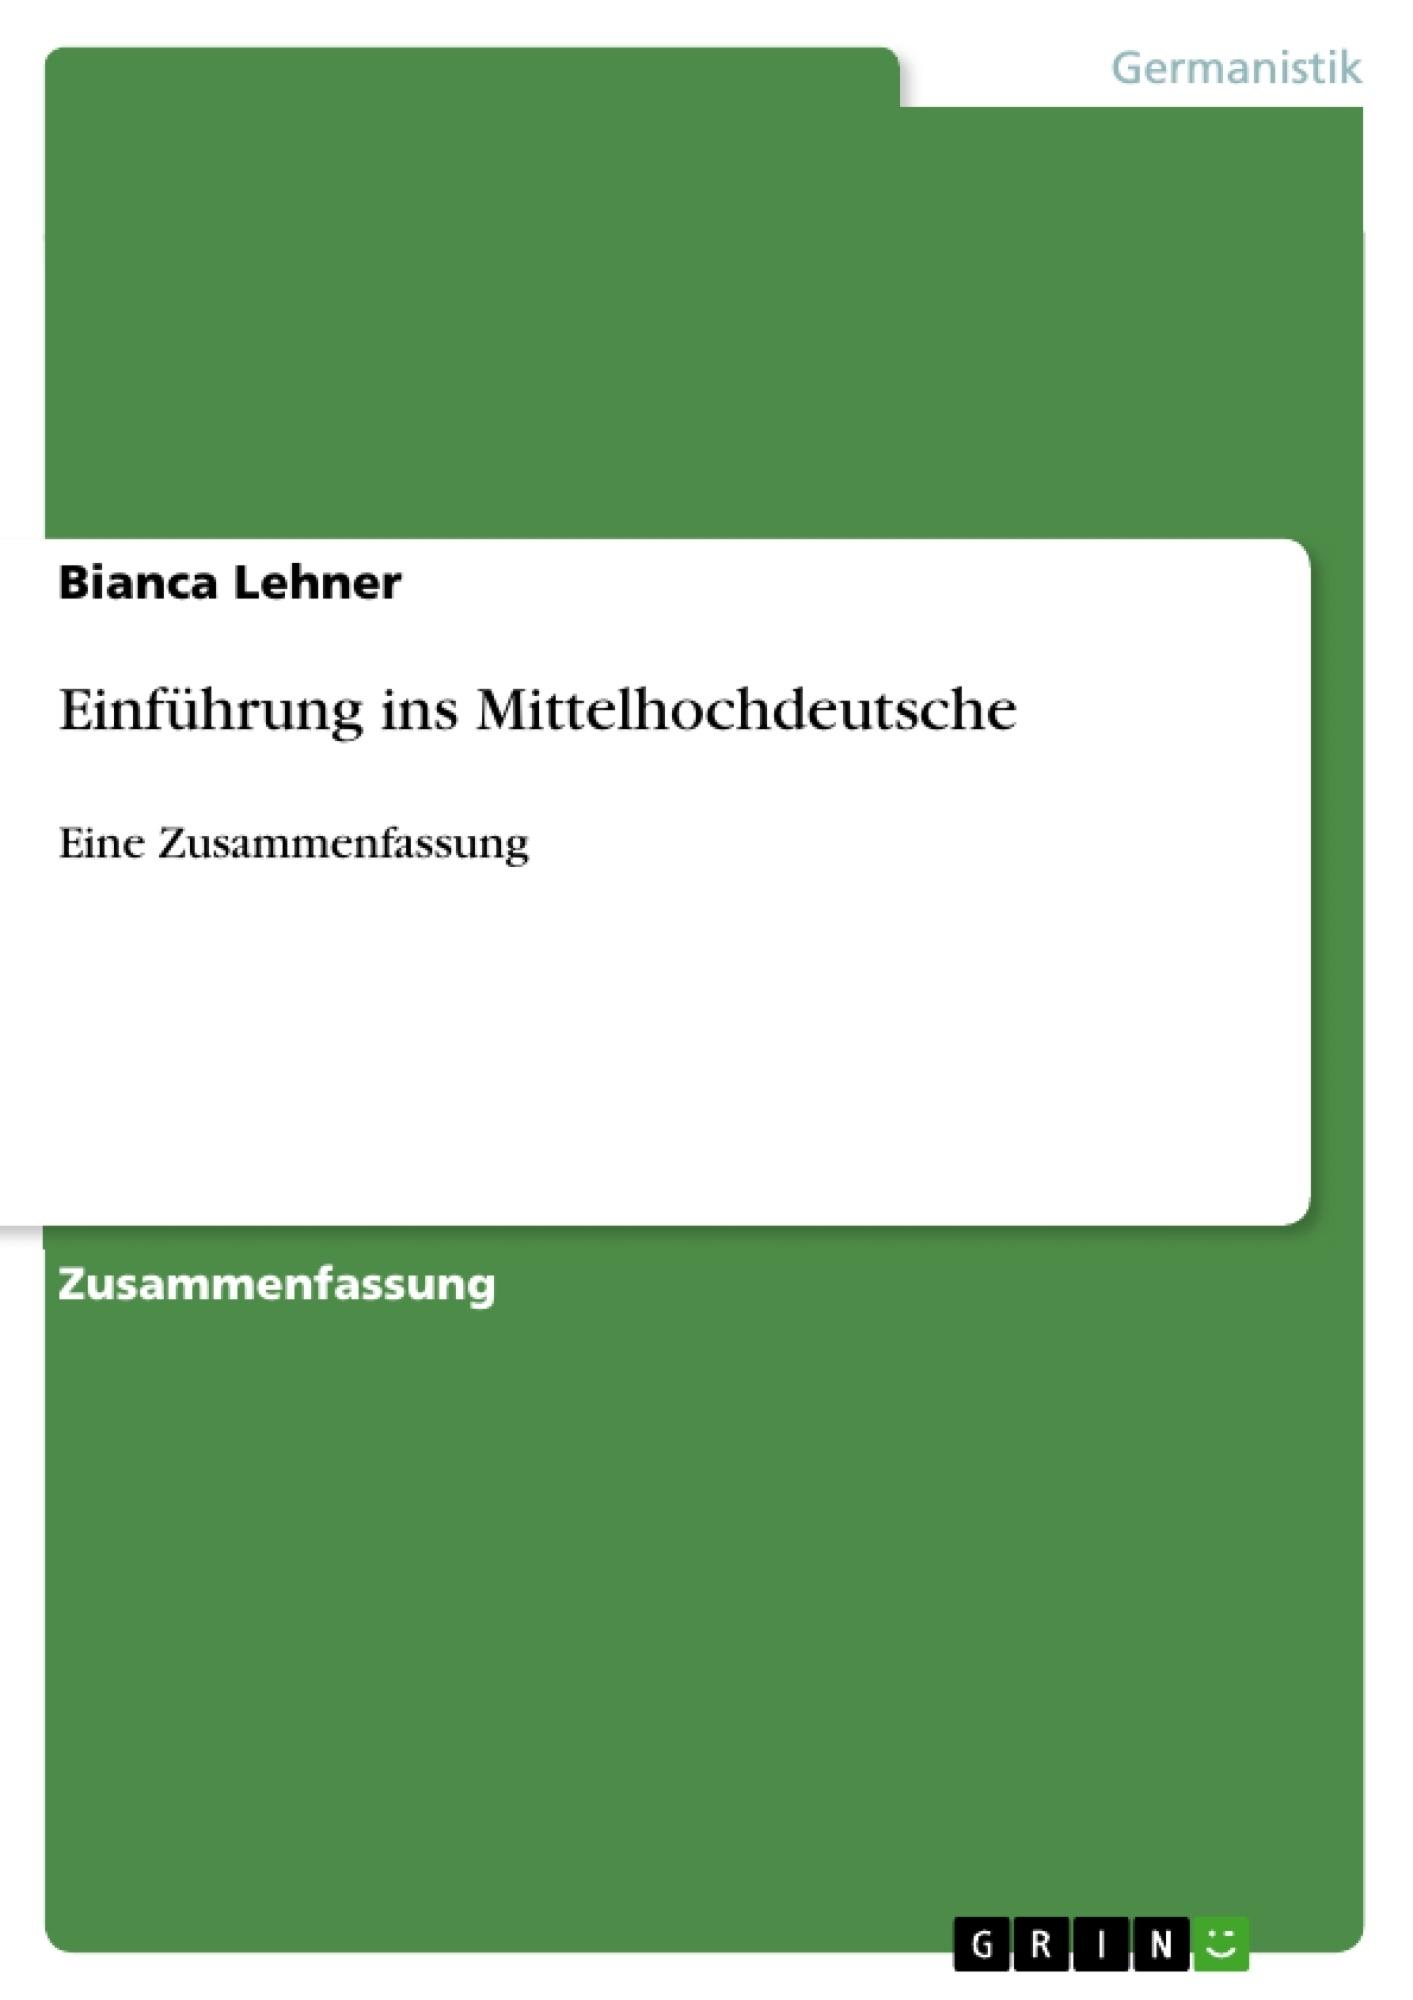 Titel: Einführung ins Mittelhochdeutsche